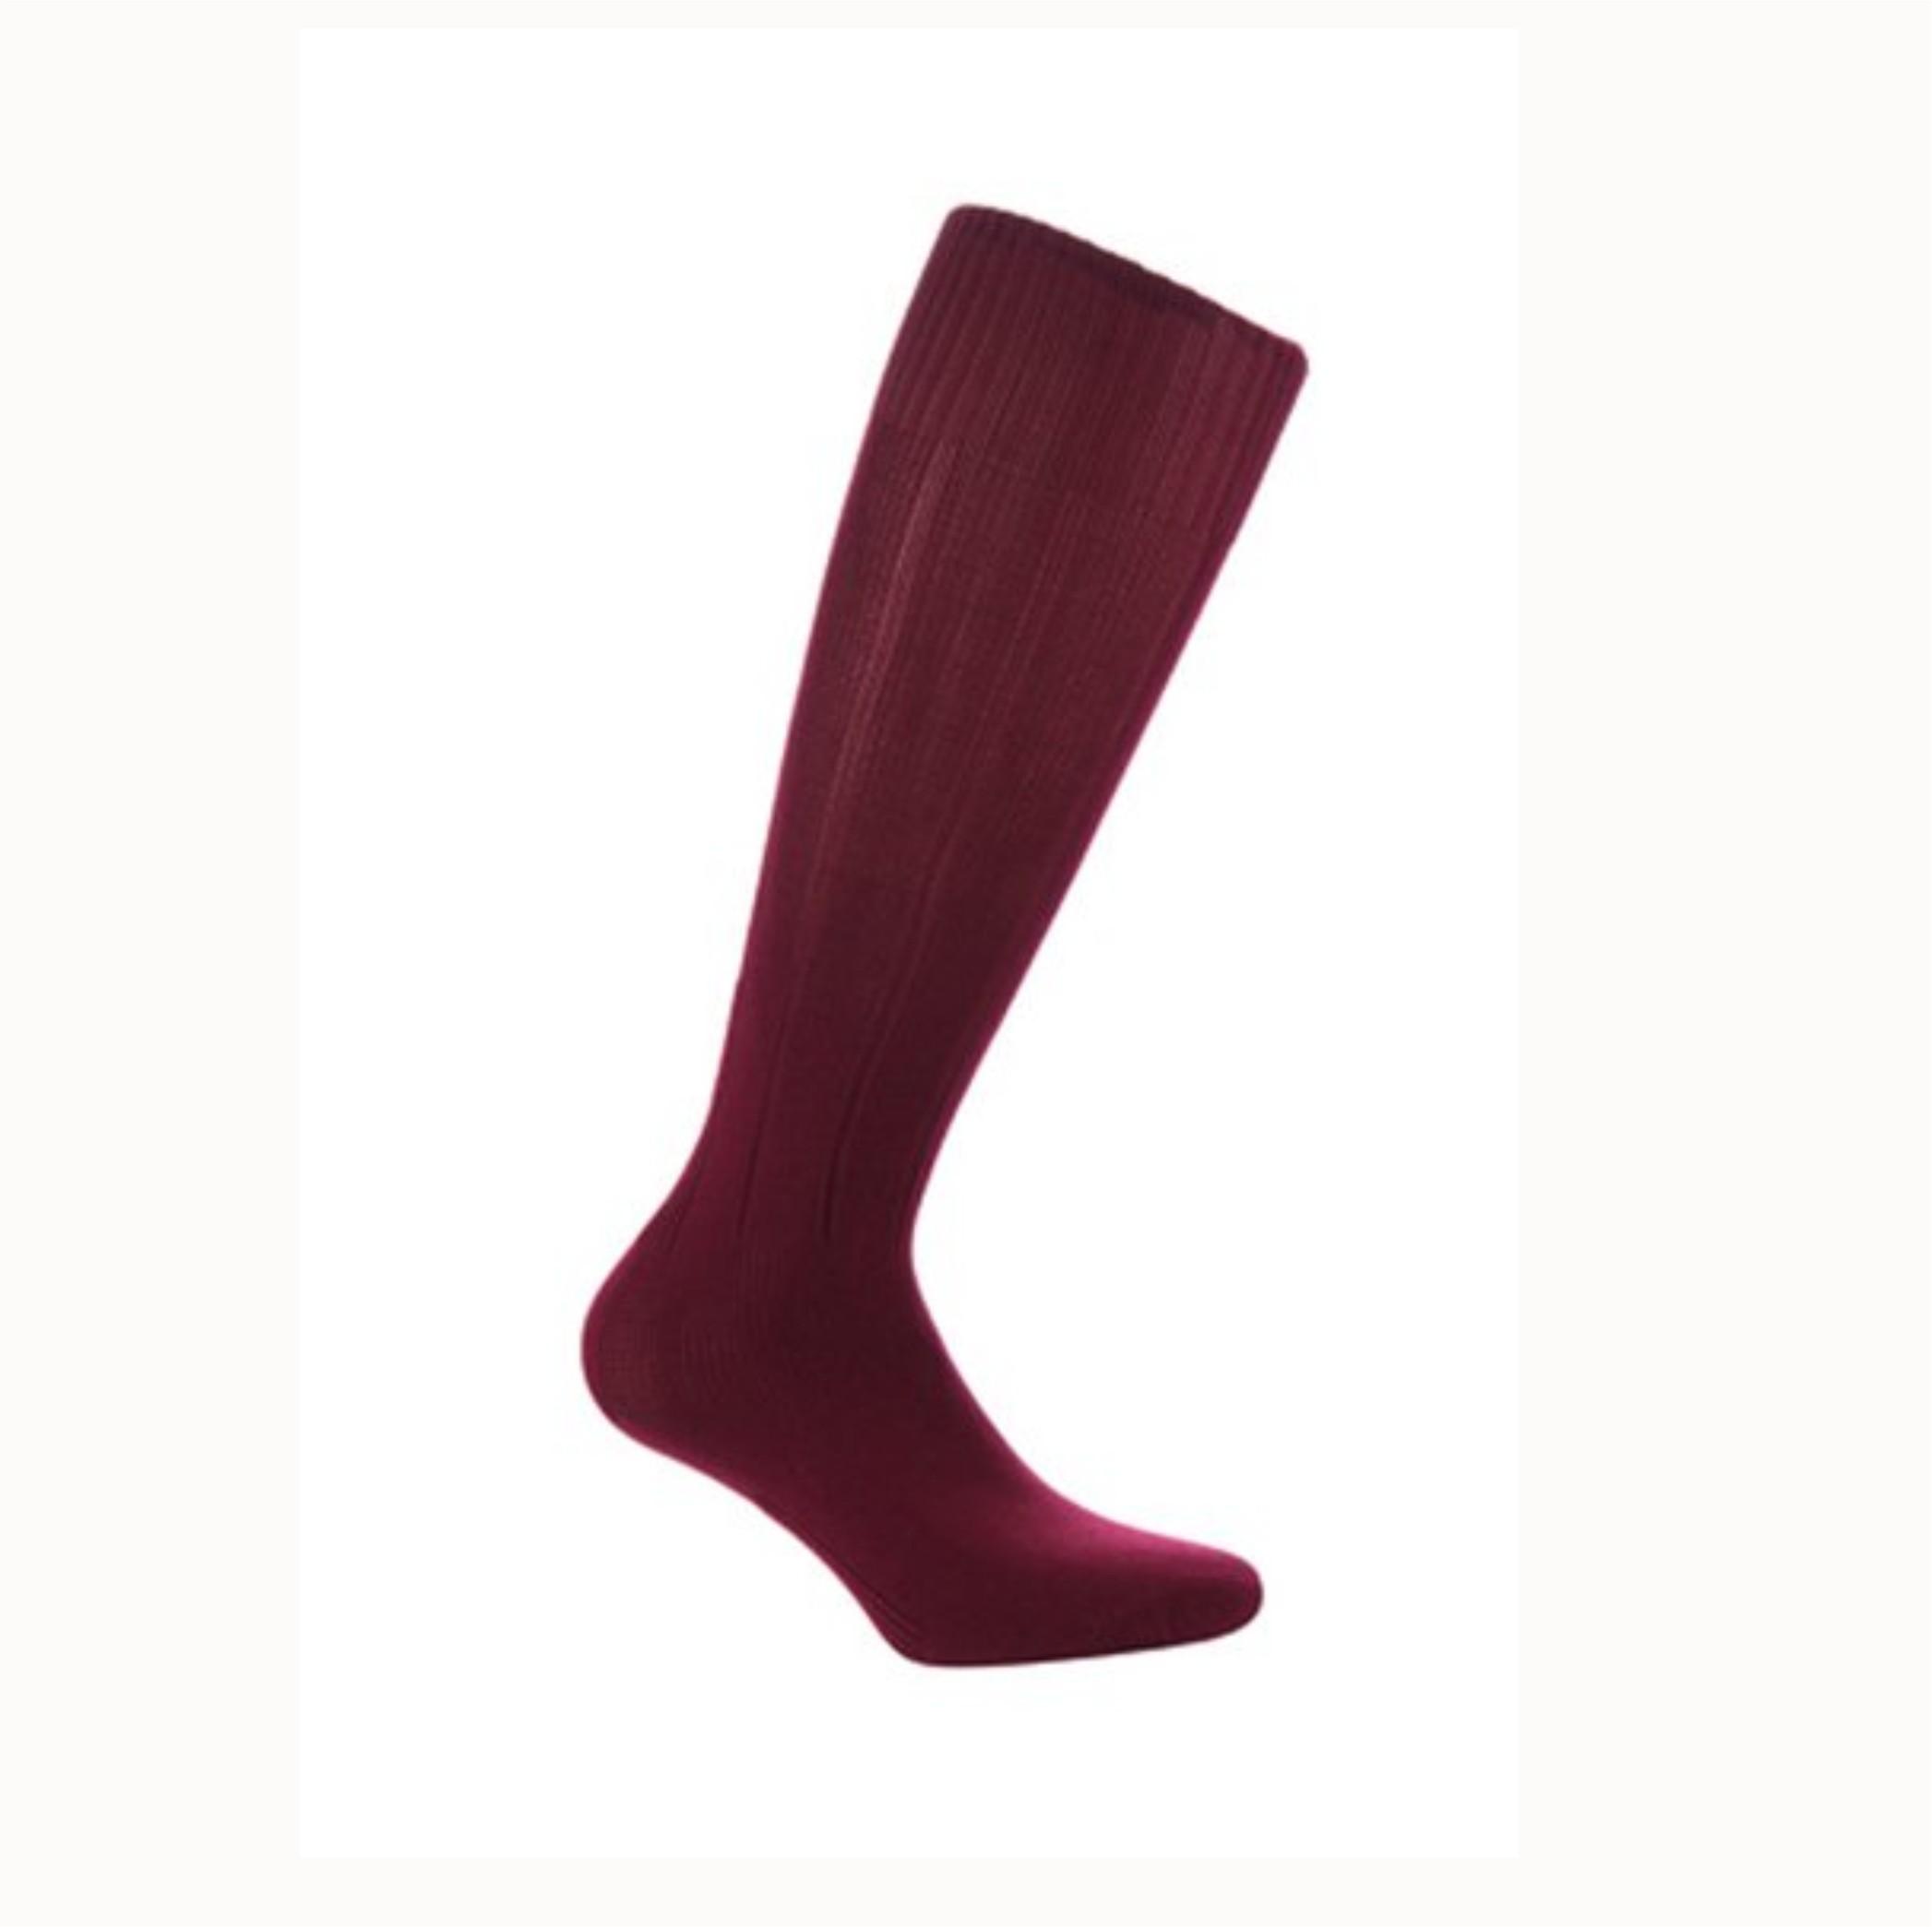 Football Socks Maroon Sports Socks - Crested School Wear 5d0e9b3a49b34